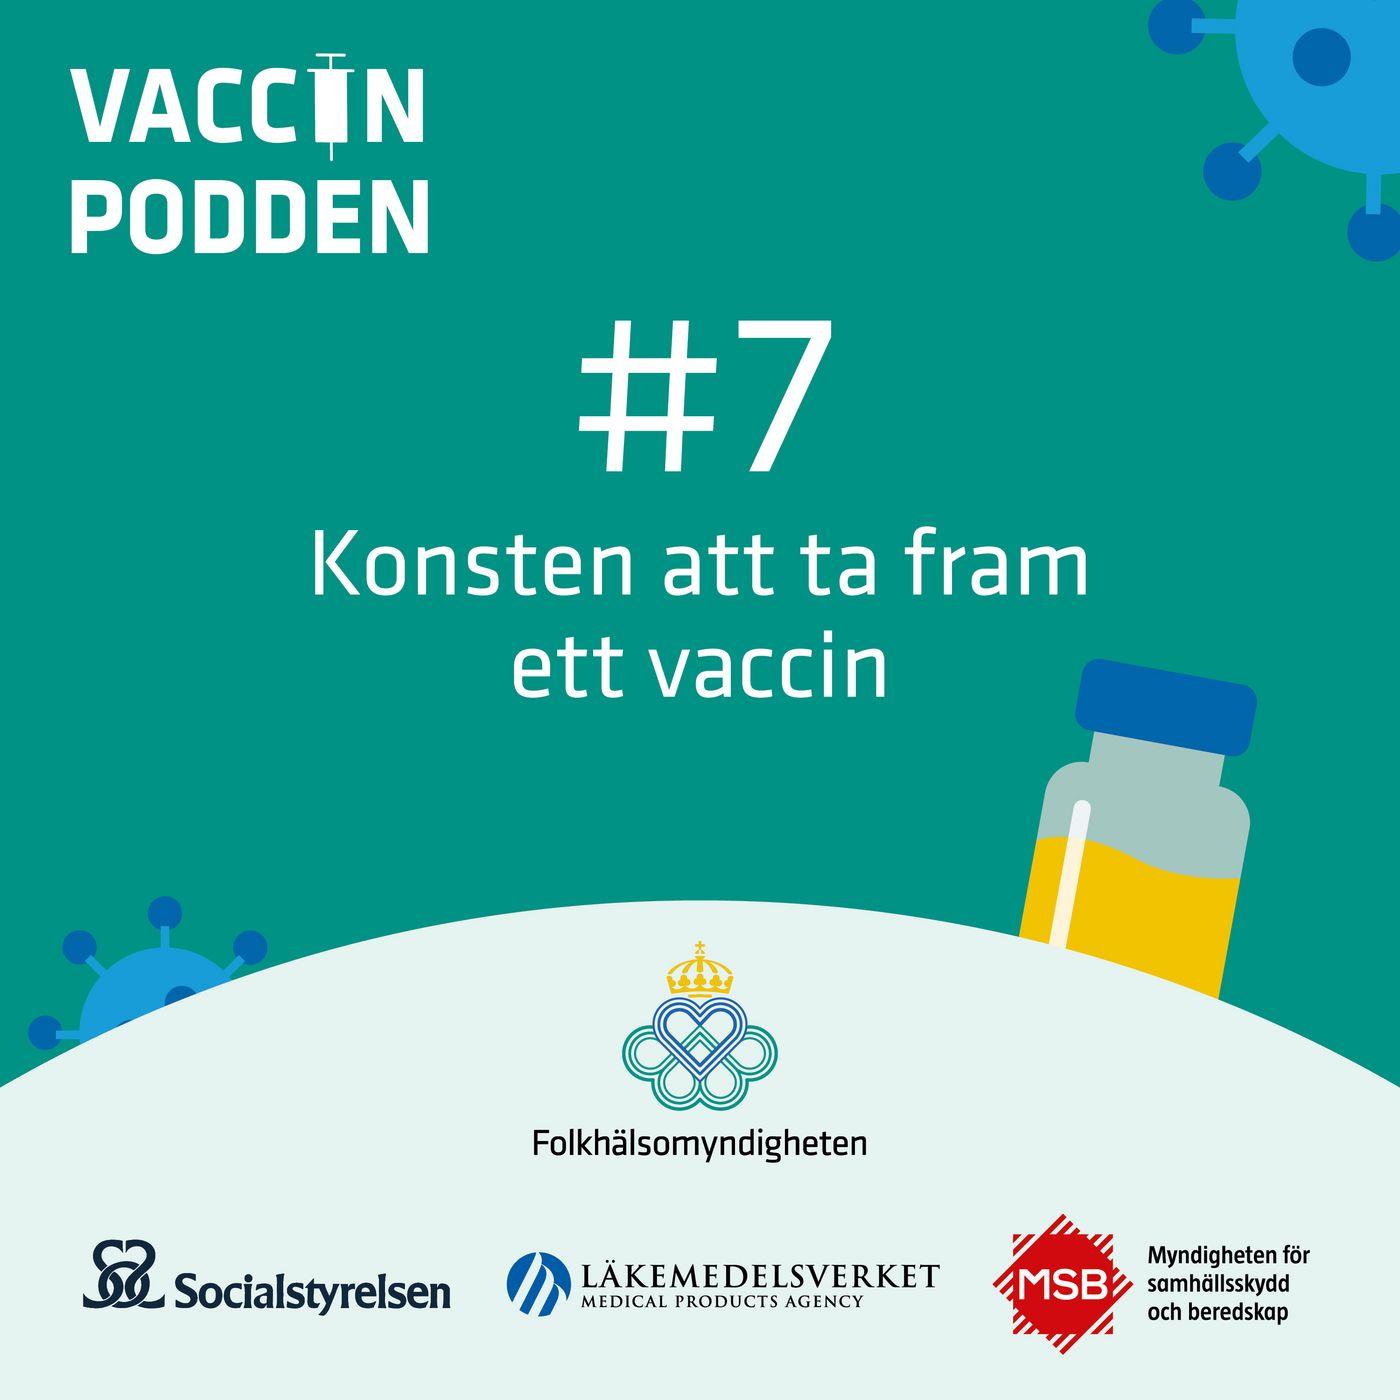 Konsten att ta fram ett vaccin